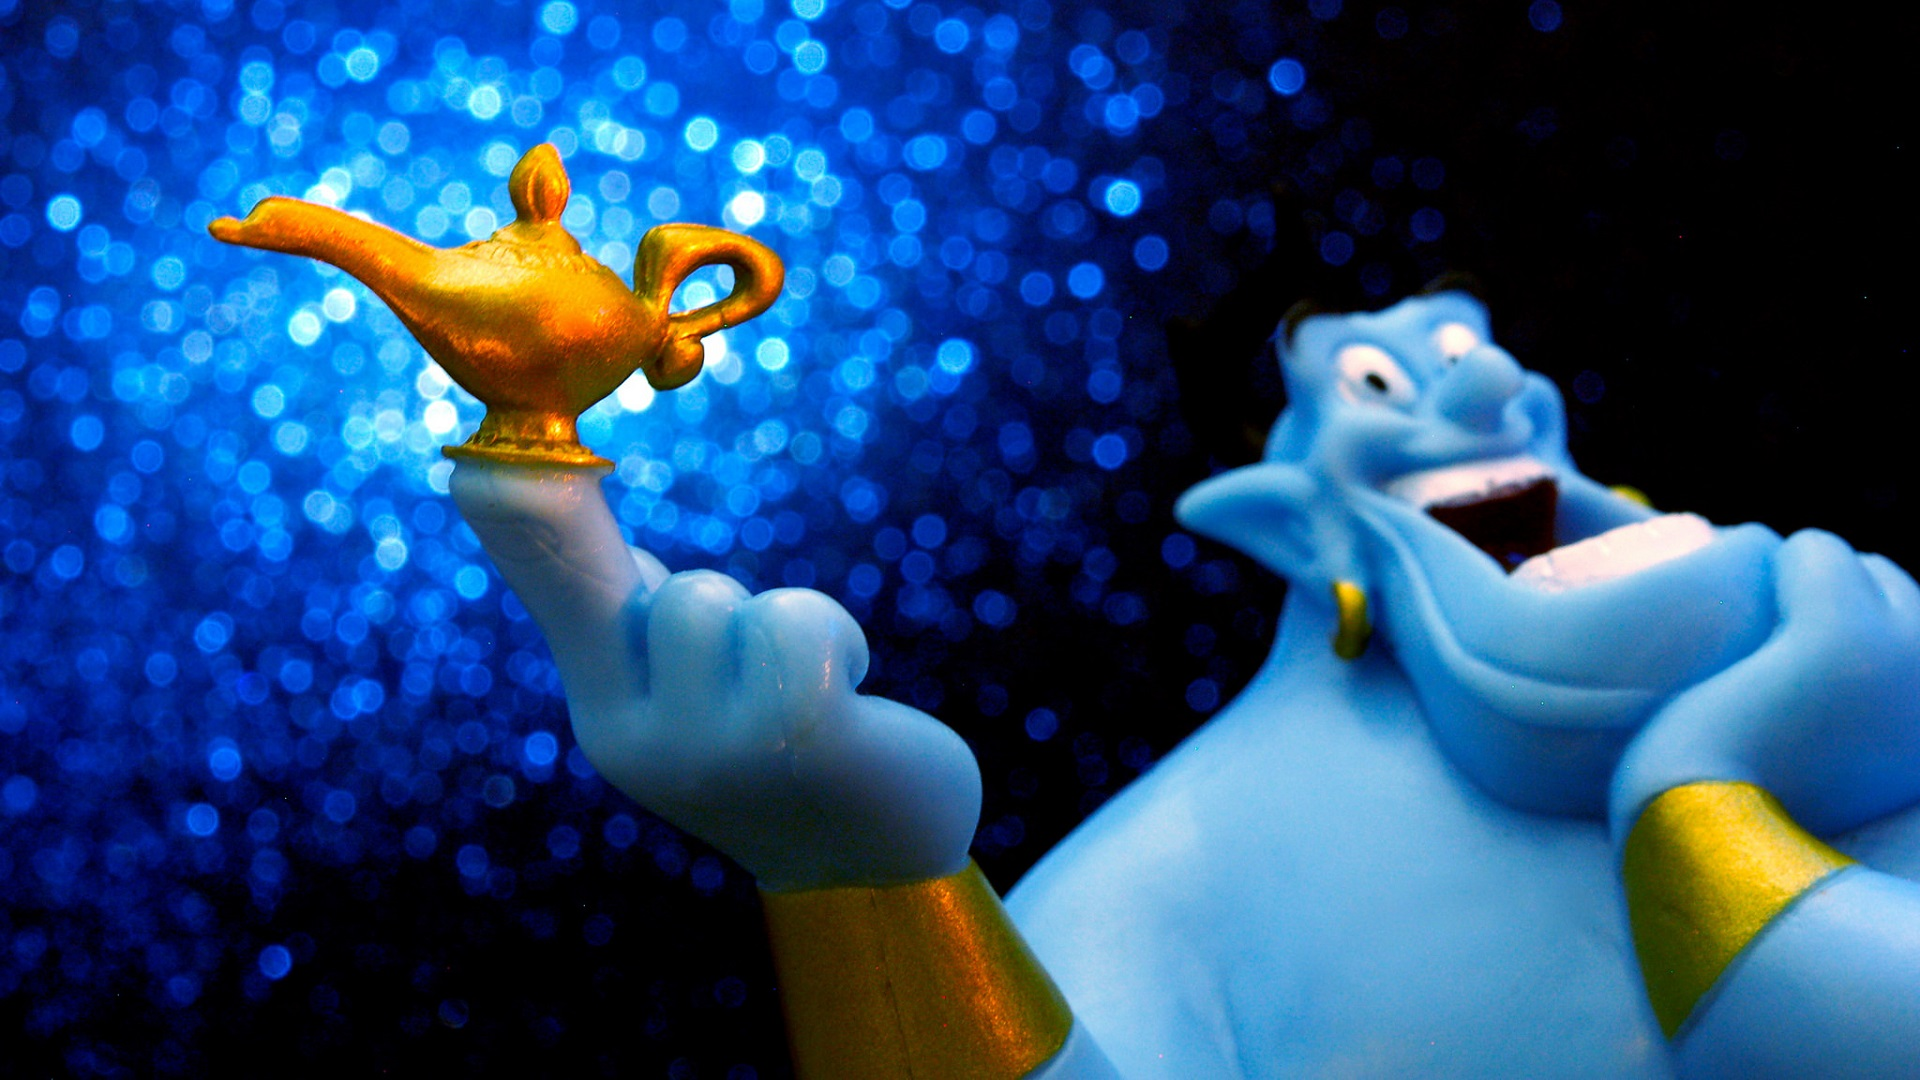 Fantasy Aladdin Genio